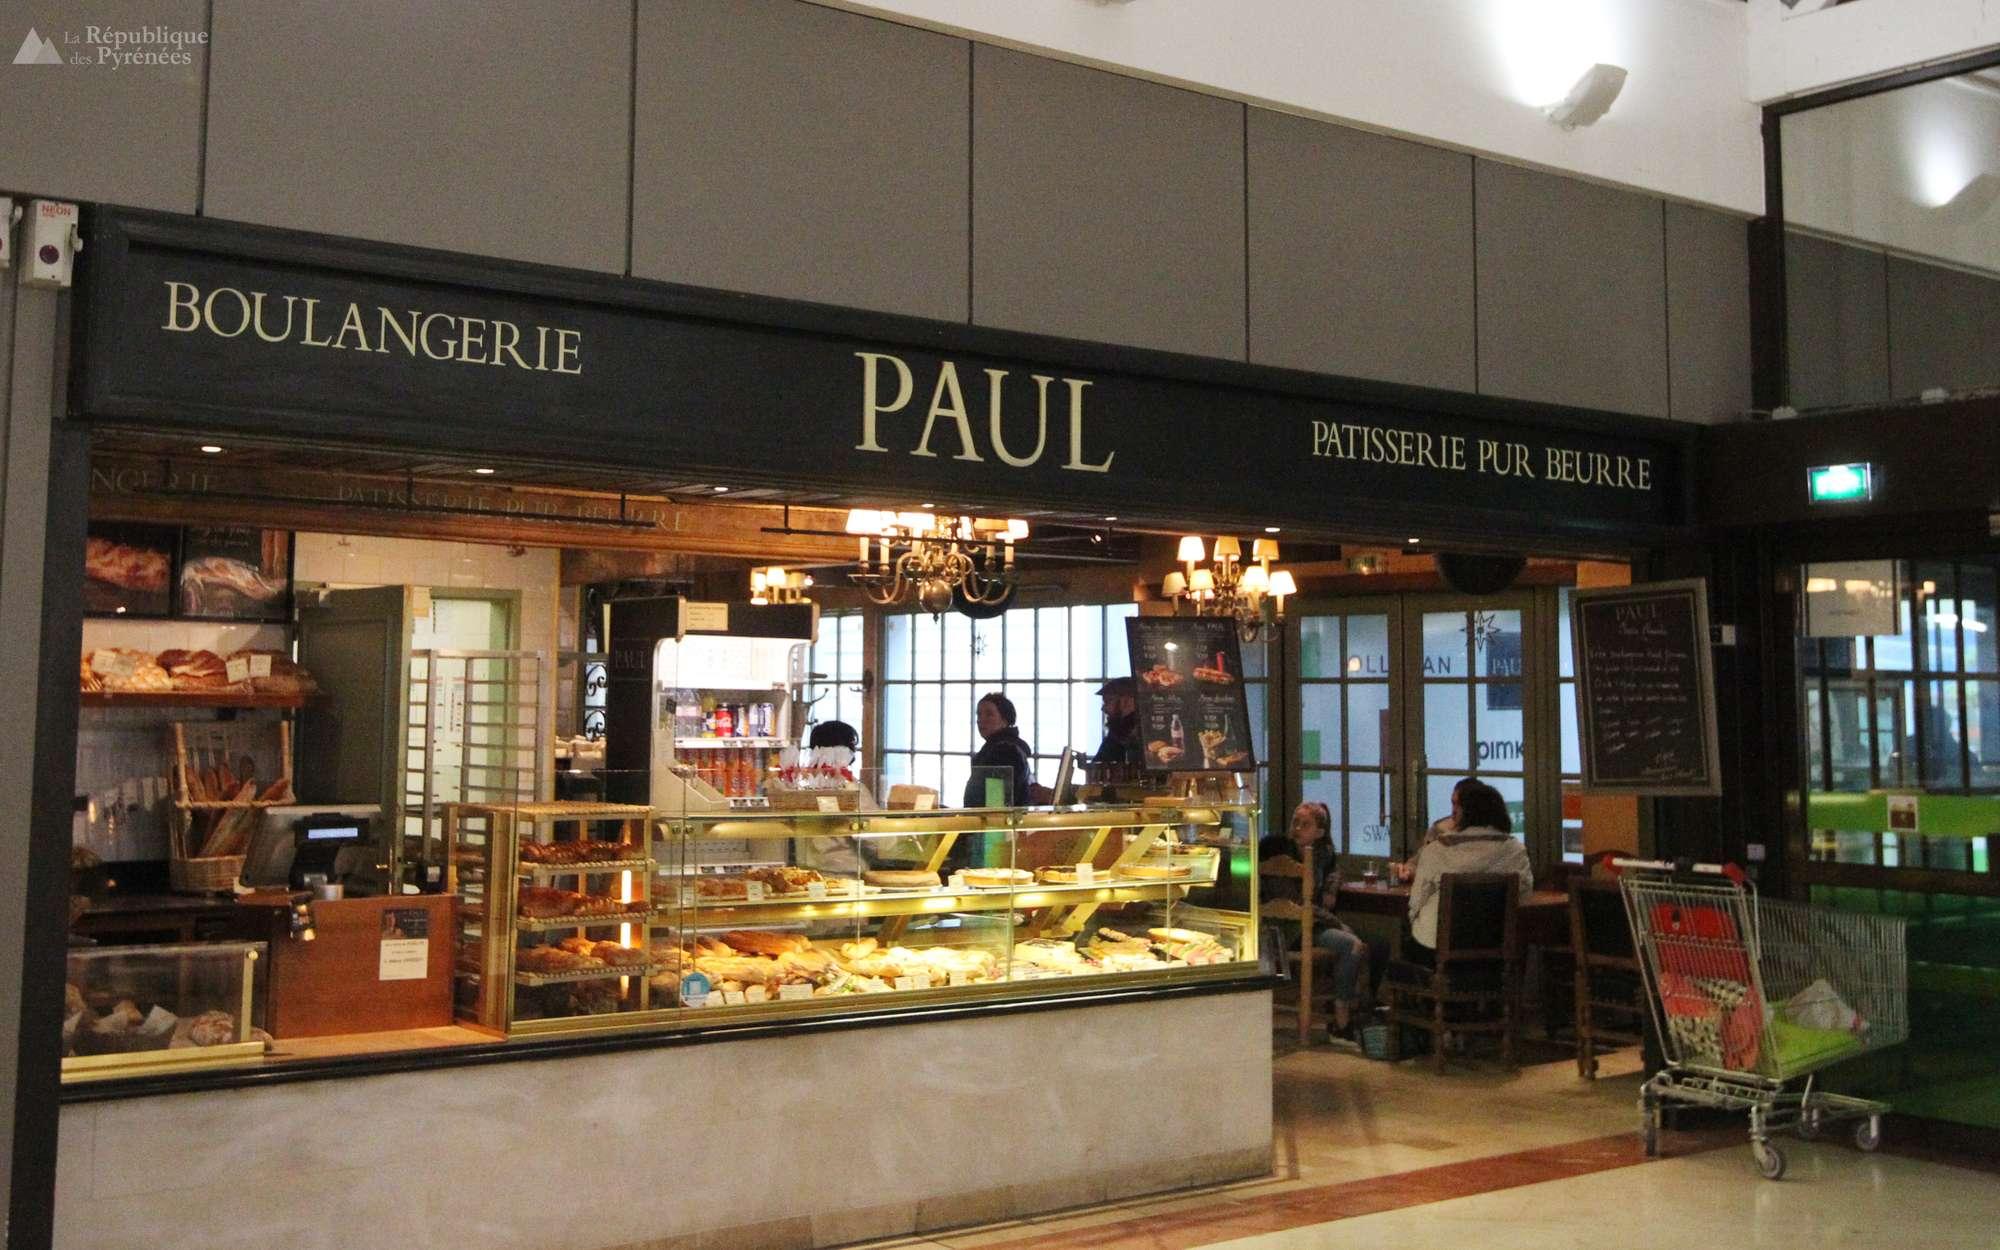 Lescar : la boulangerie Paul du centre Carrefour ferme ses portes - La République des Pyrénées.fr